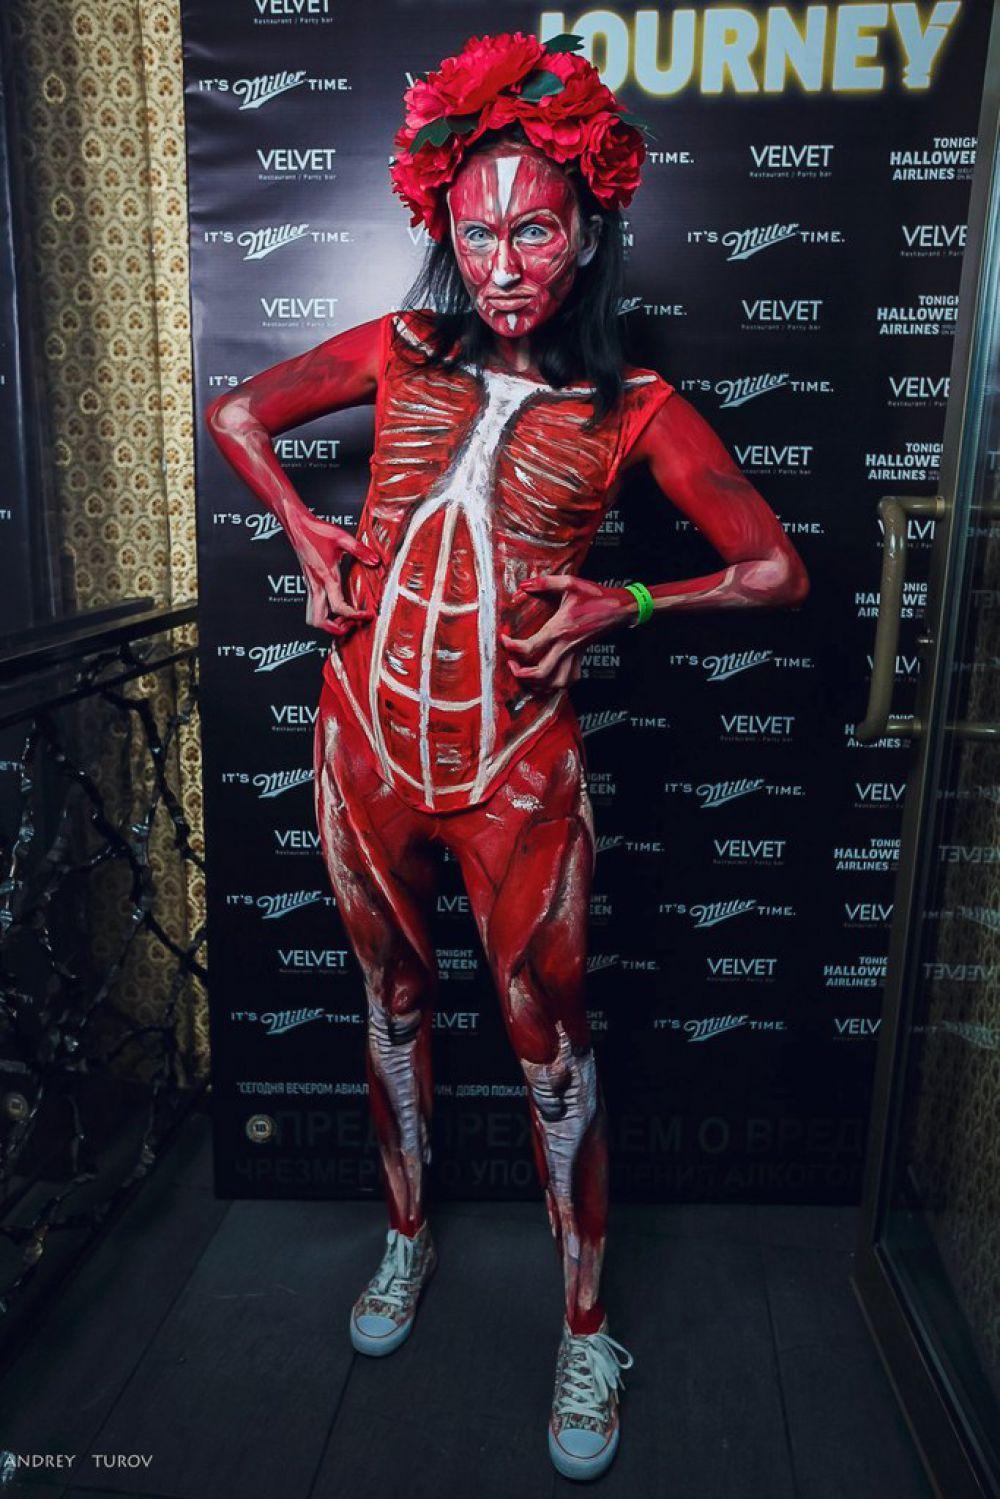 Такой костюм невероятно сложен в исполнении, но уж точно станет гвоздем любой вечеринки в самом модном клубе.